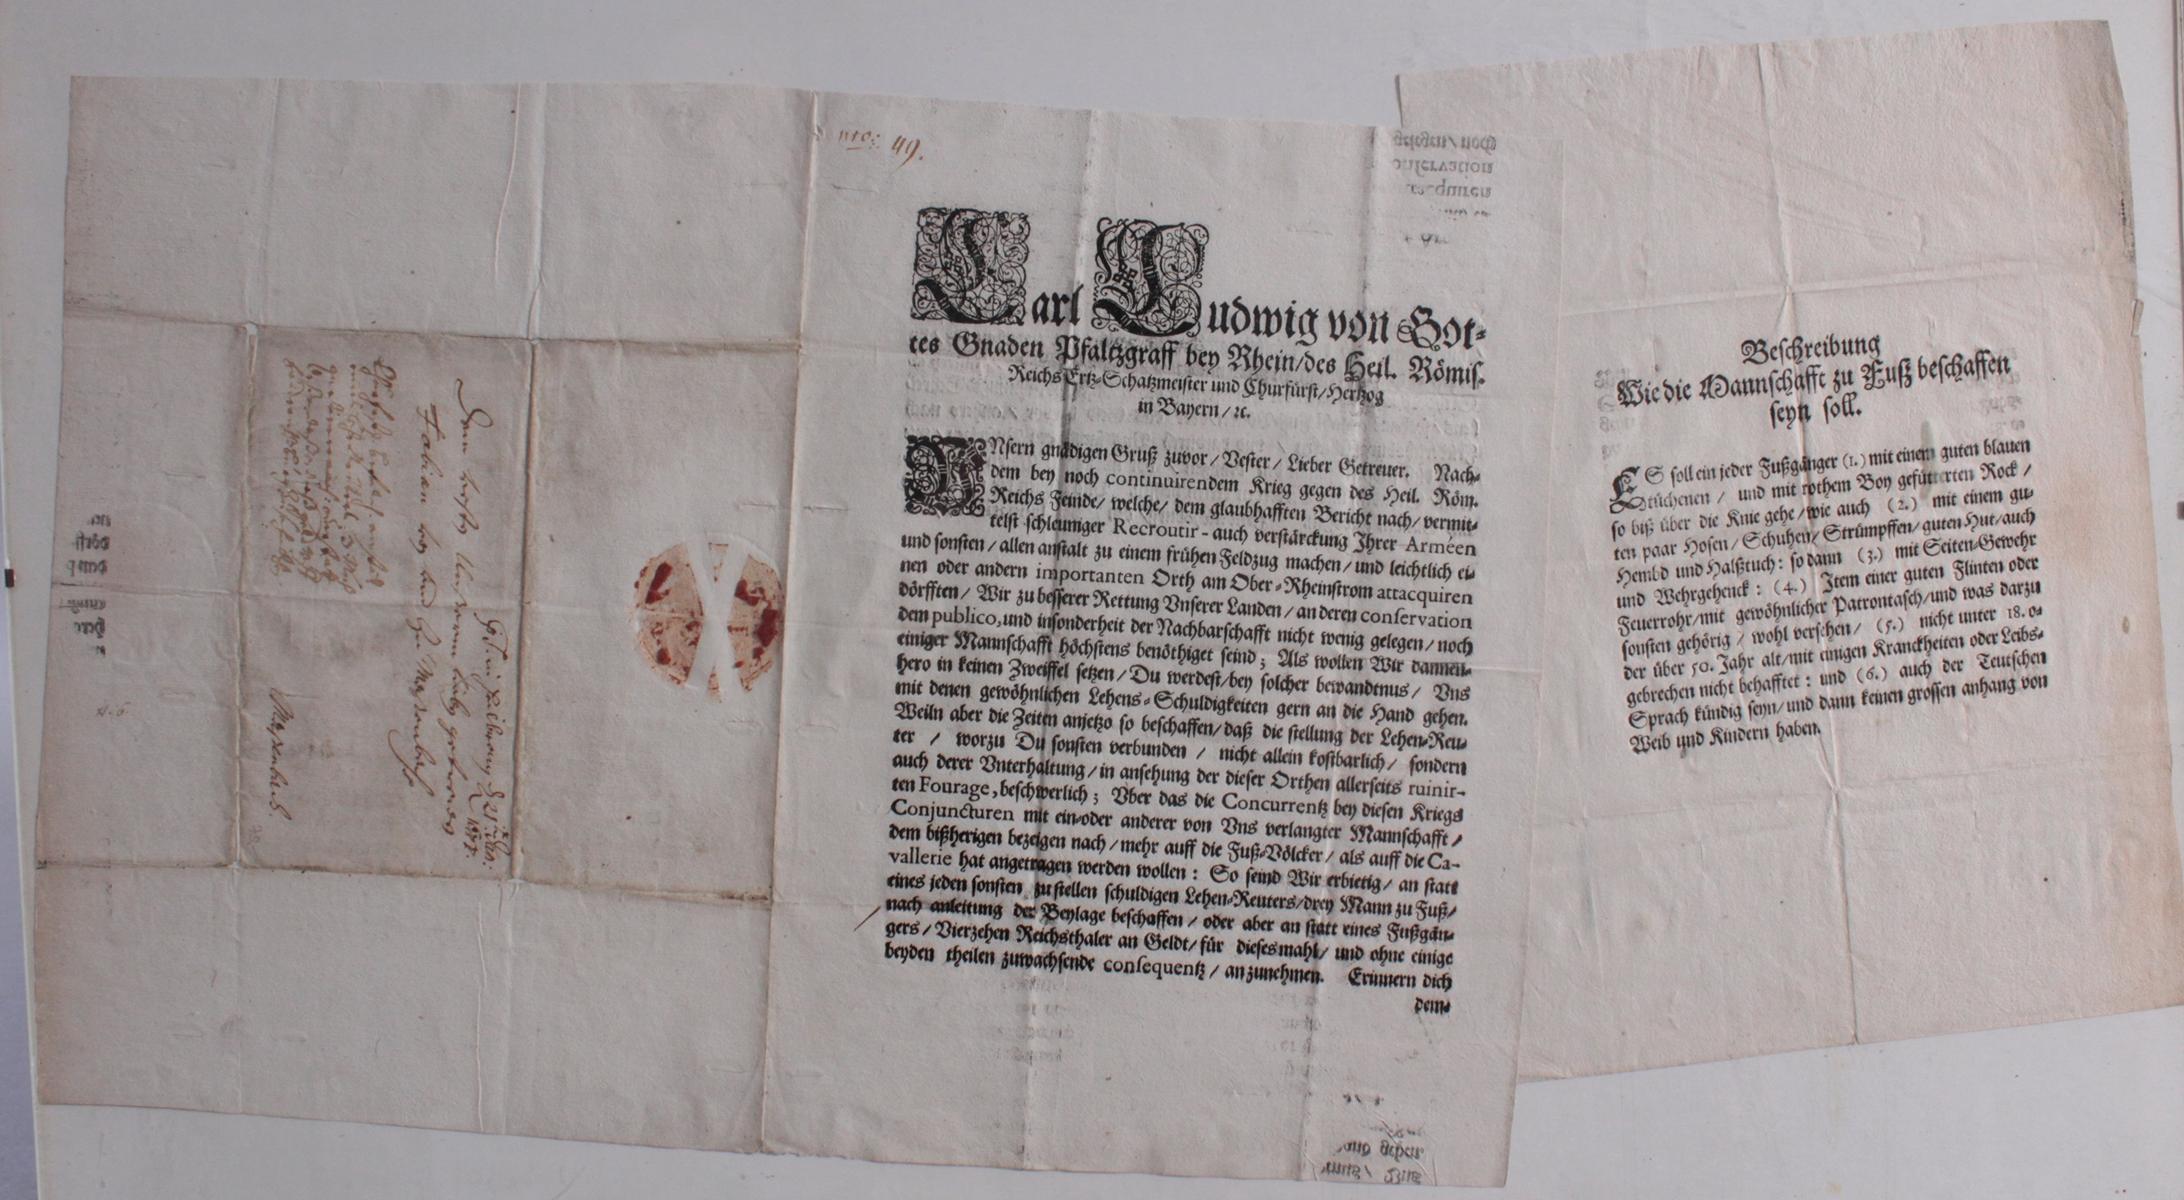 Samlung Altbriefe, Vorphilatelie, Meisterbrief und Dokumente-12